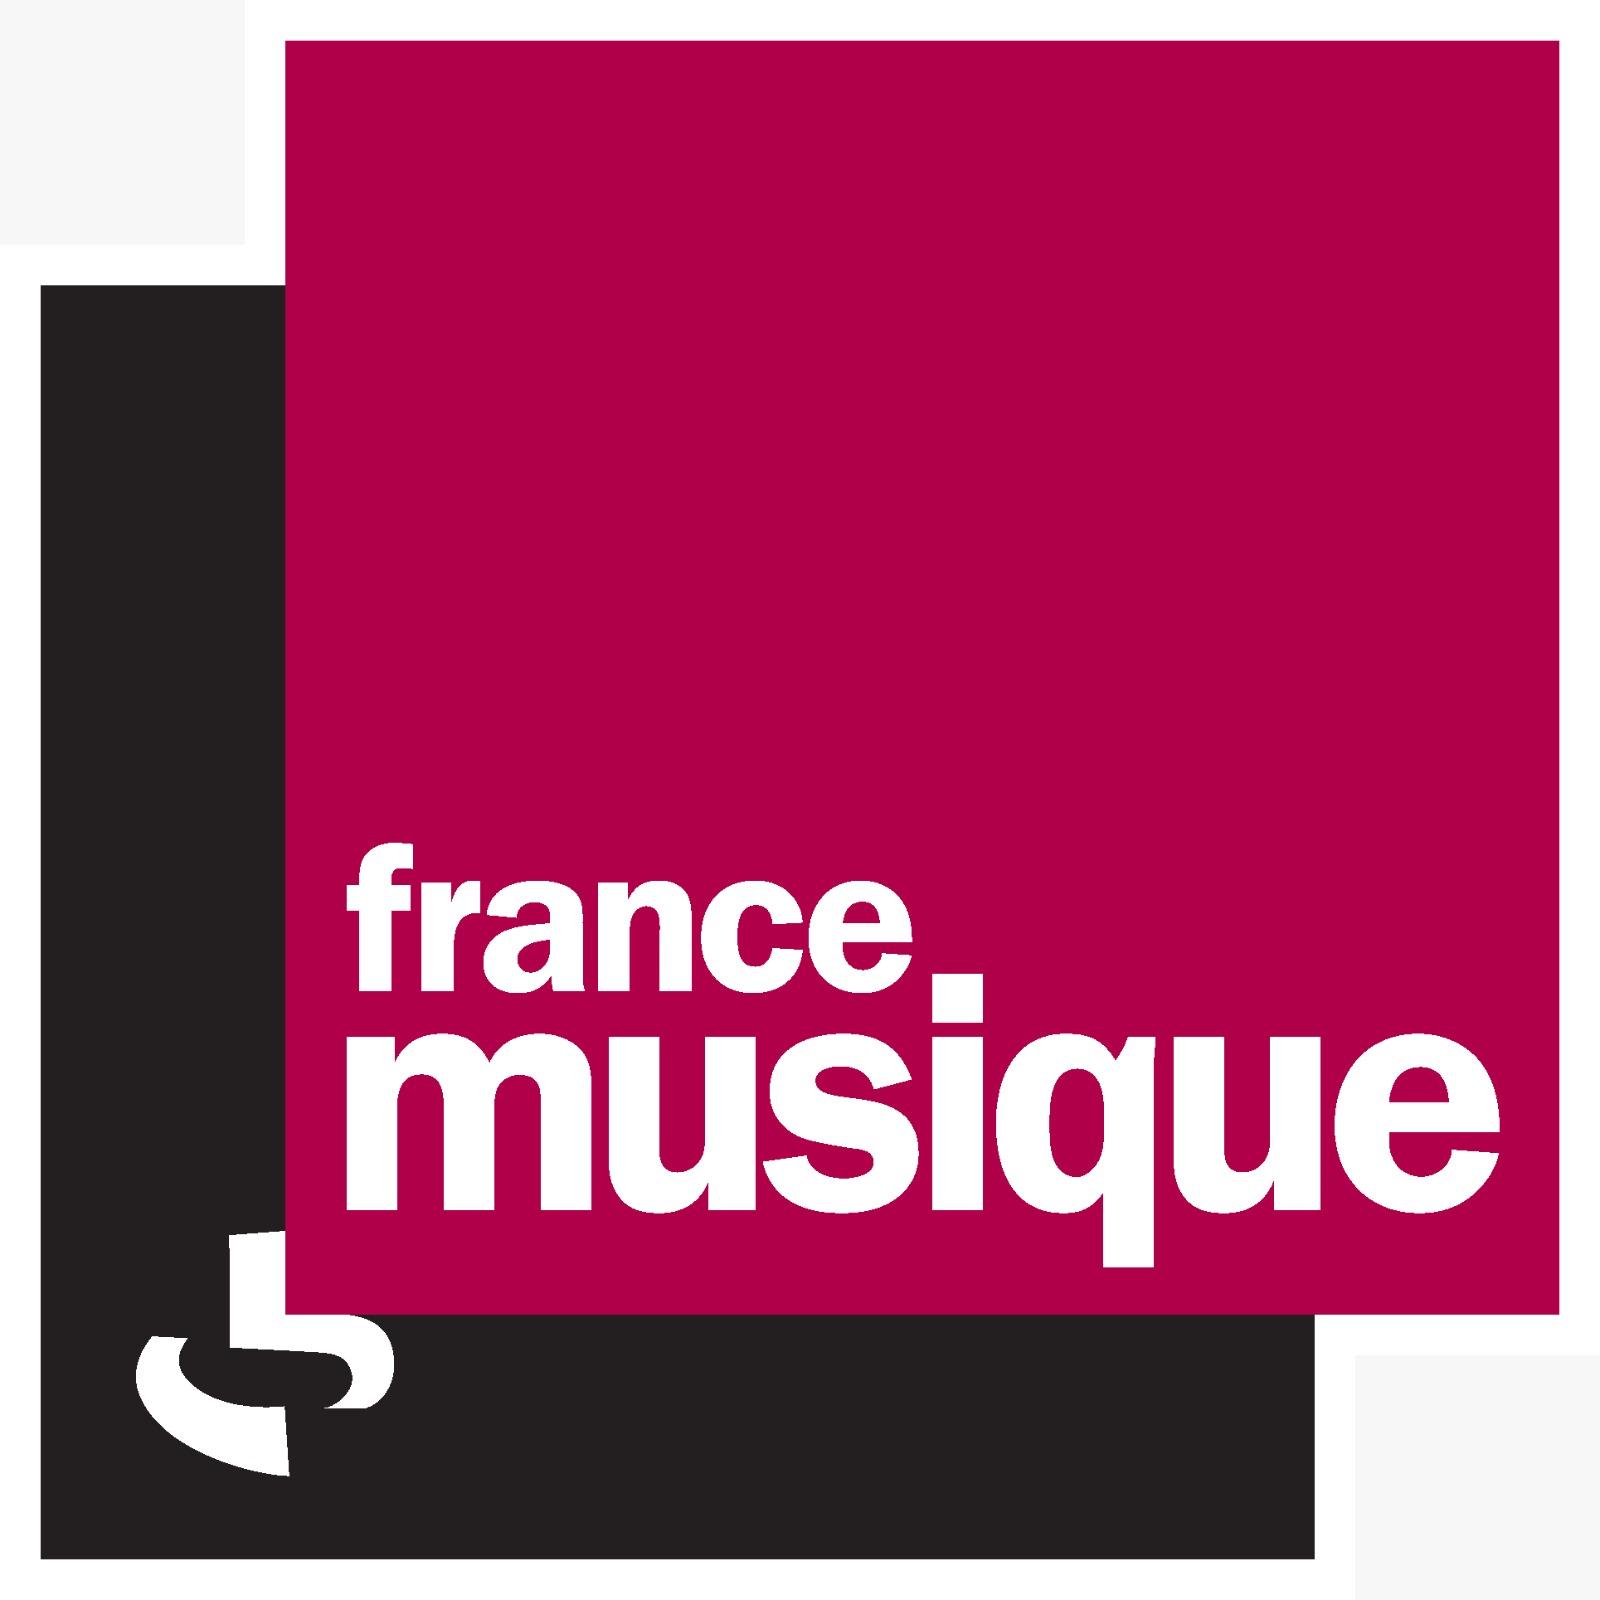 France musique13